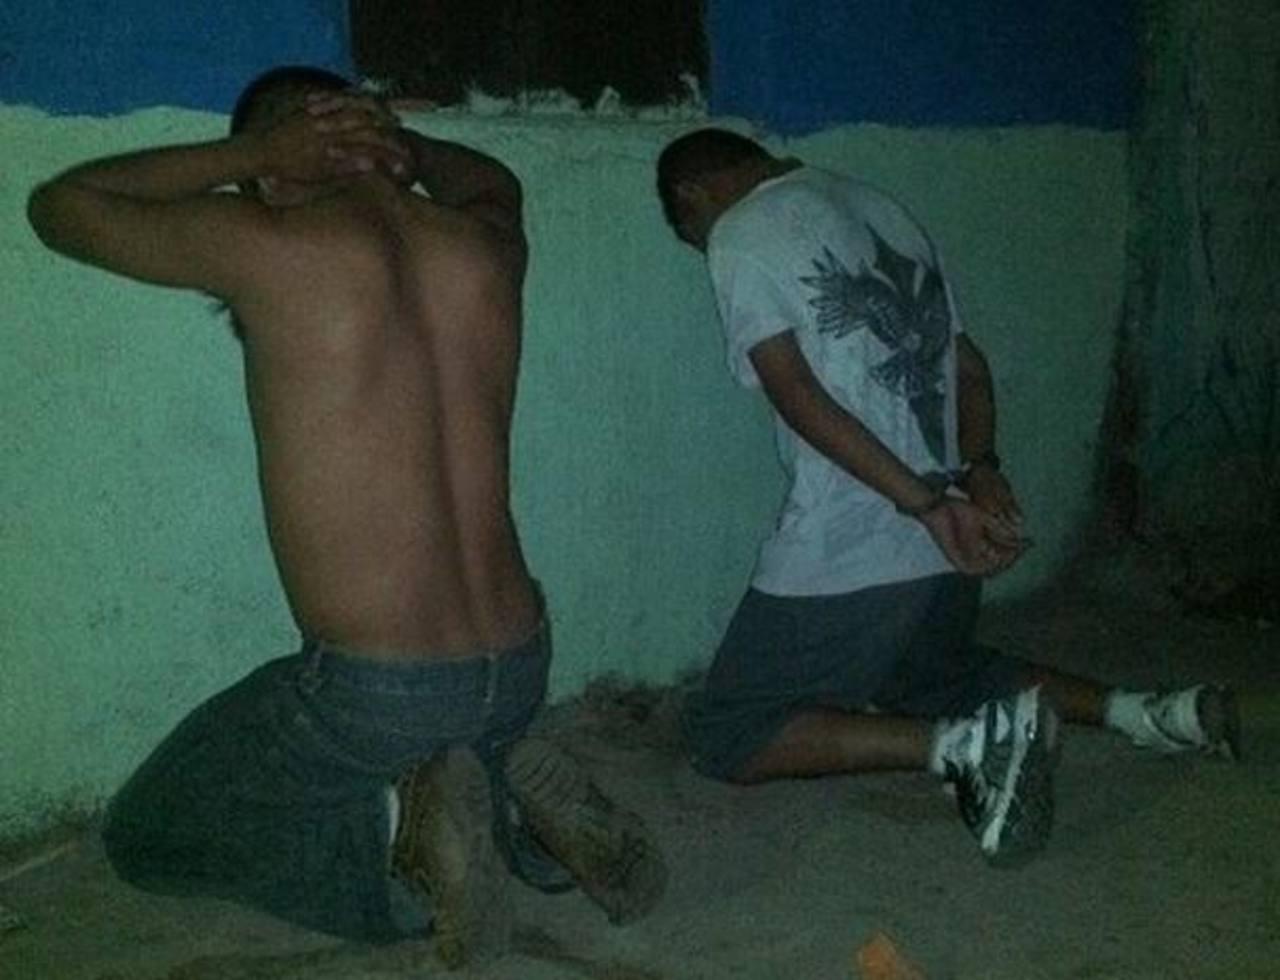 Los individuos fueron capturados durante un operativo realizado esta madrugada en Santa Tecla. Foto vía Twitter Óscar Iraheta